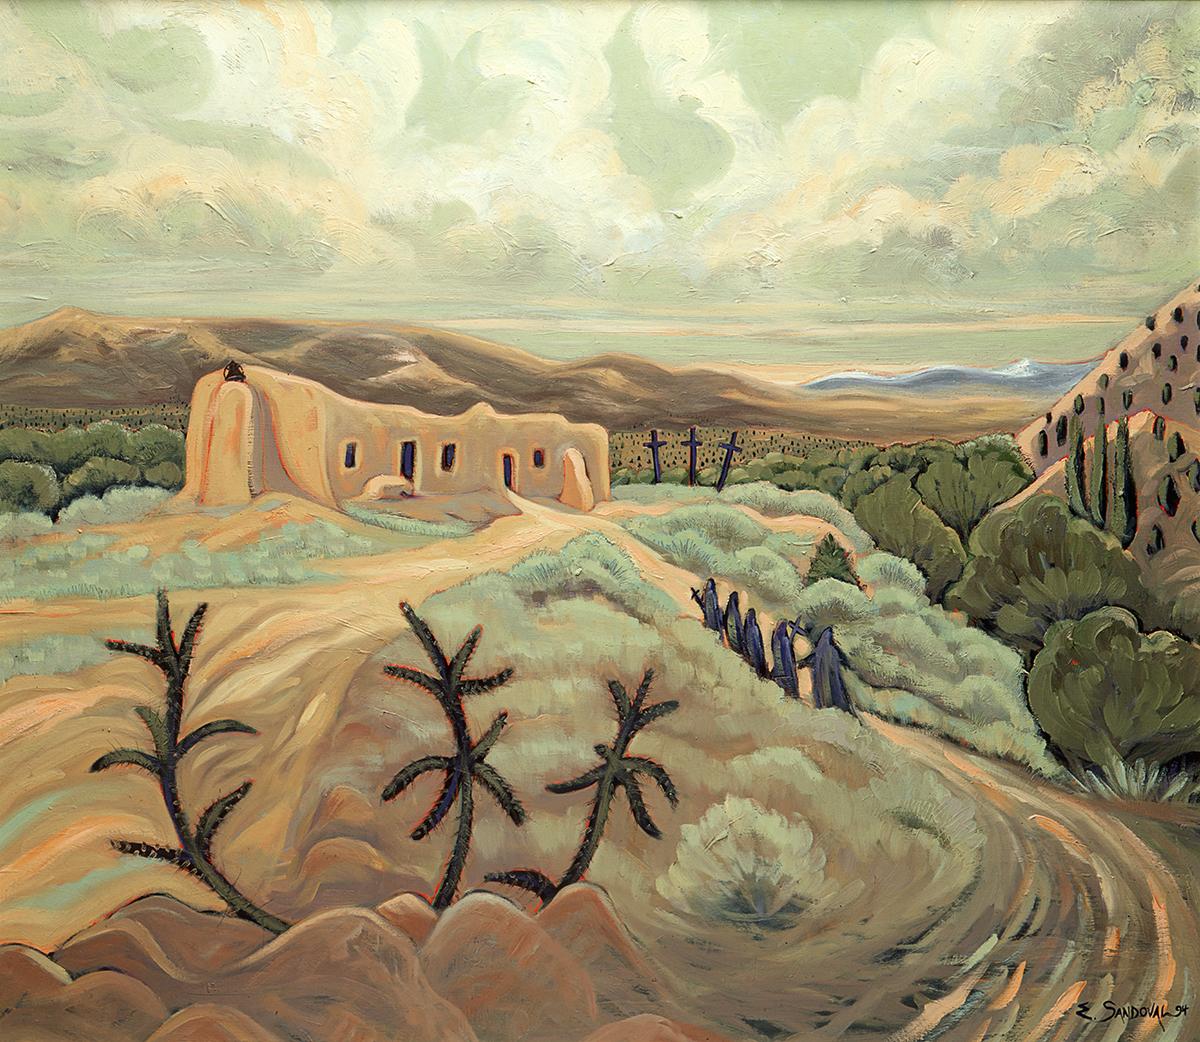 ABIQUE MORADA (26 X 30)